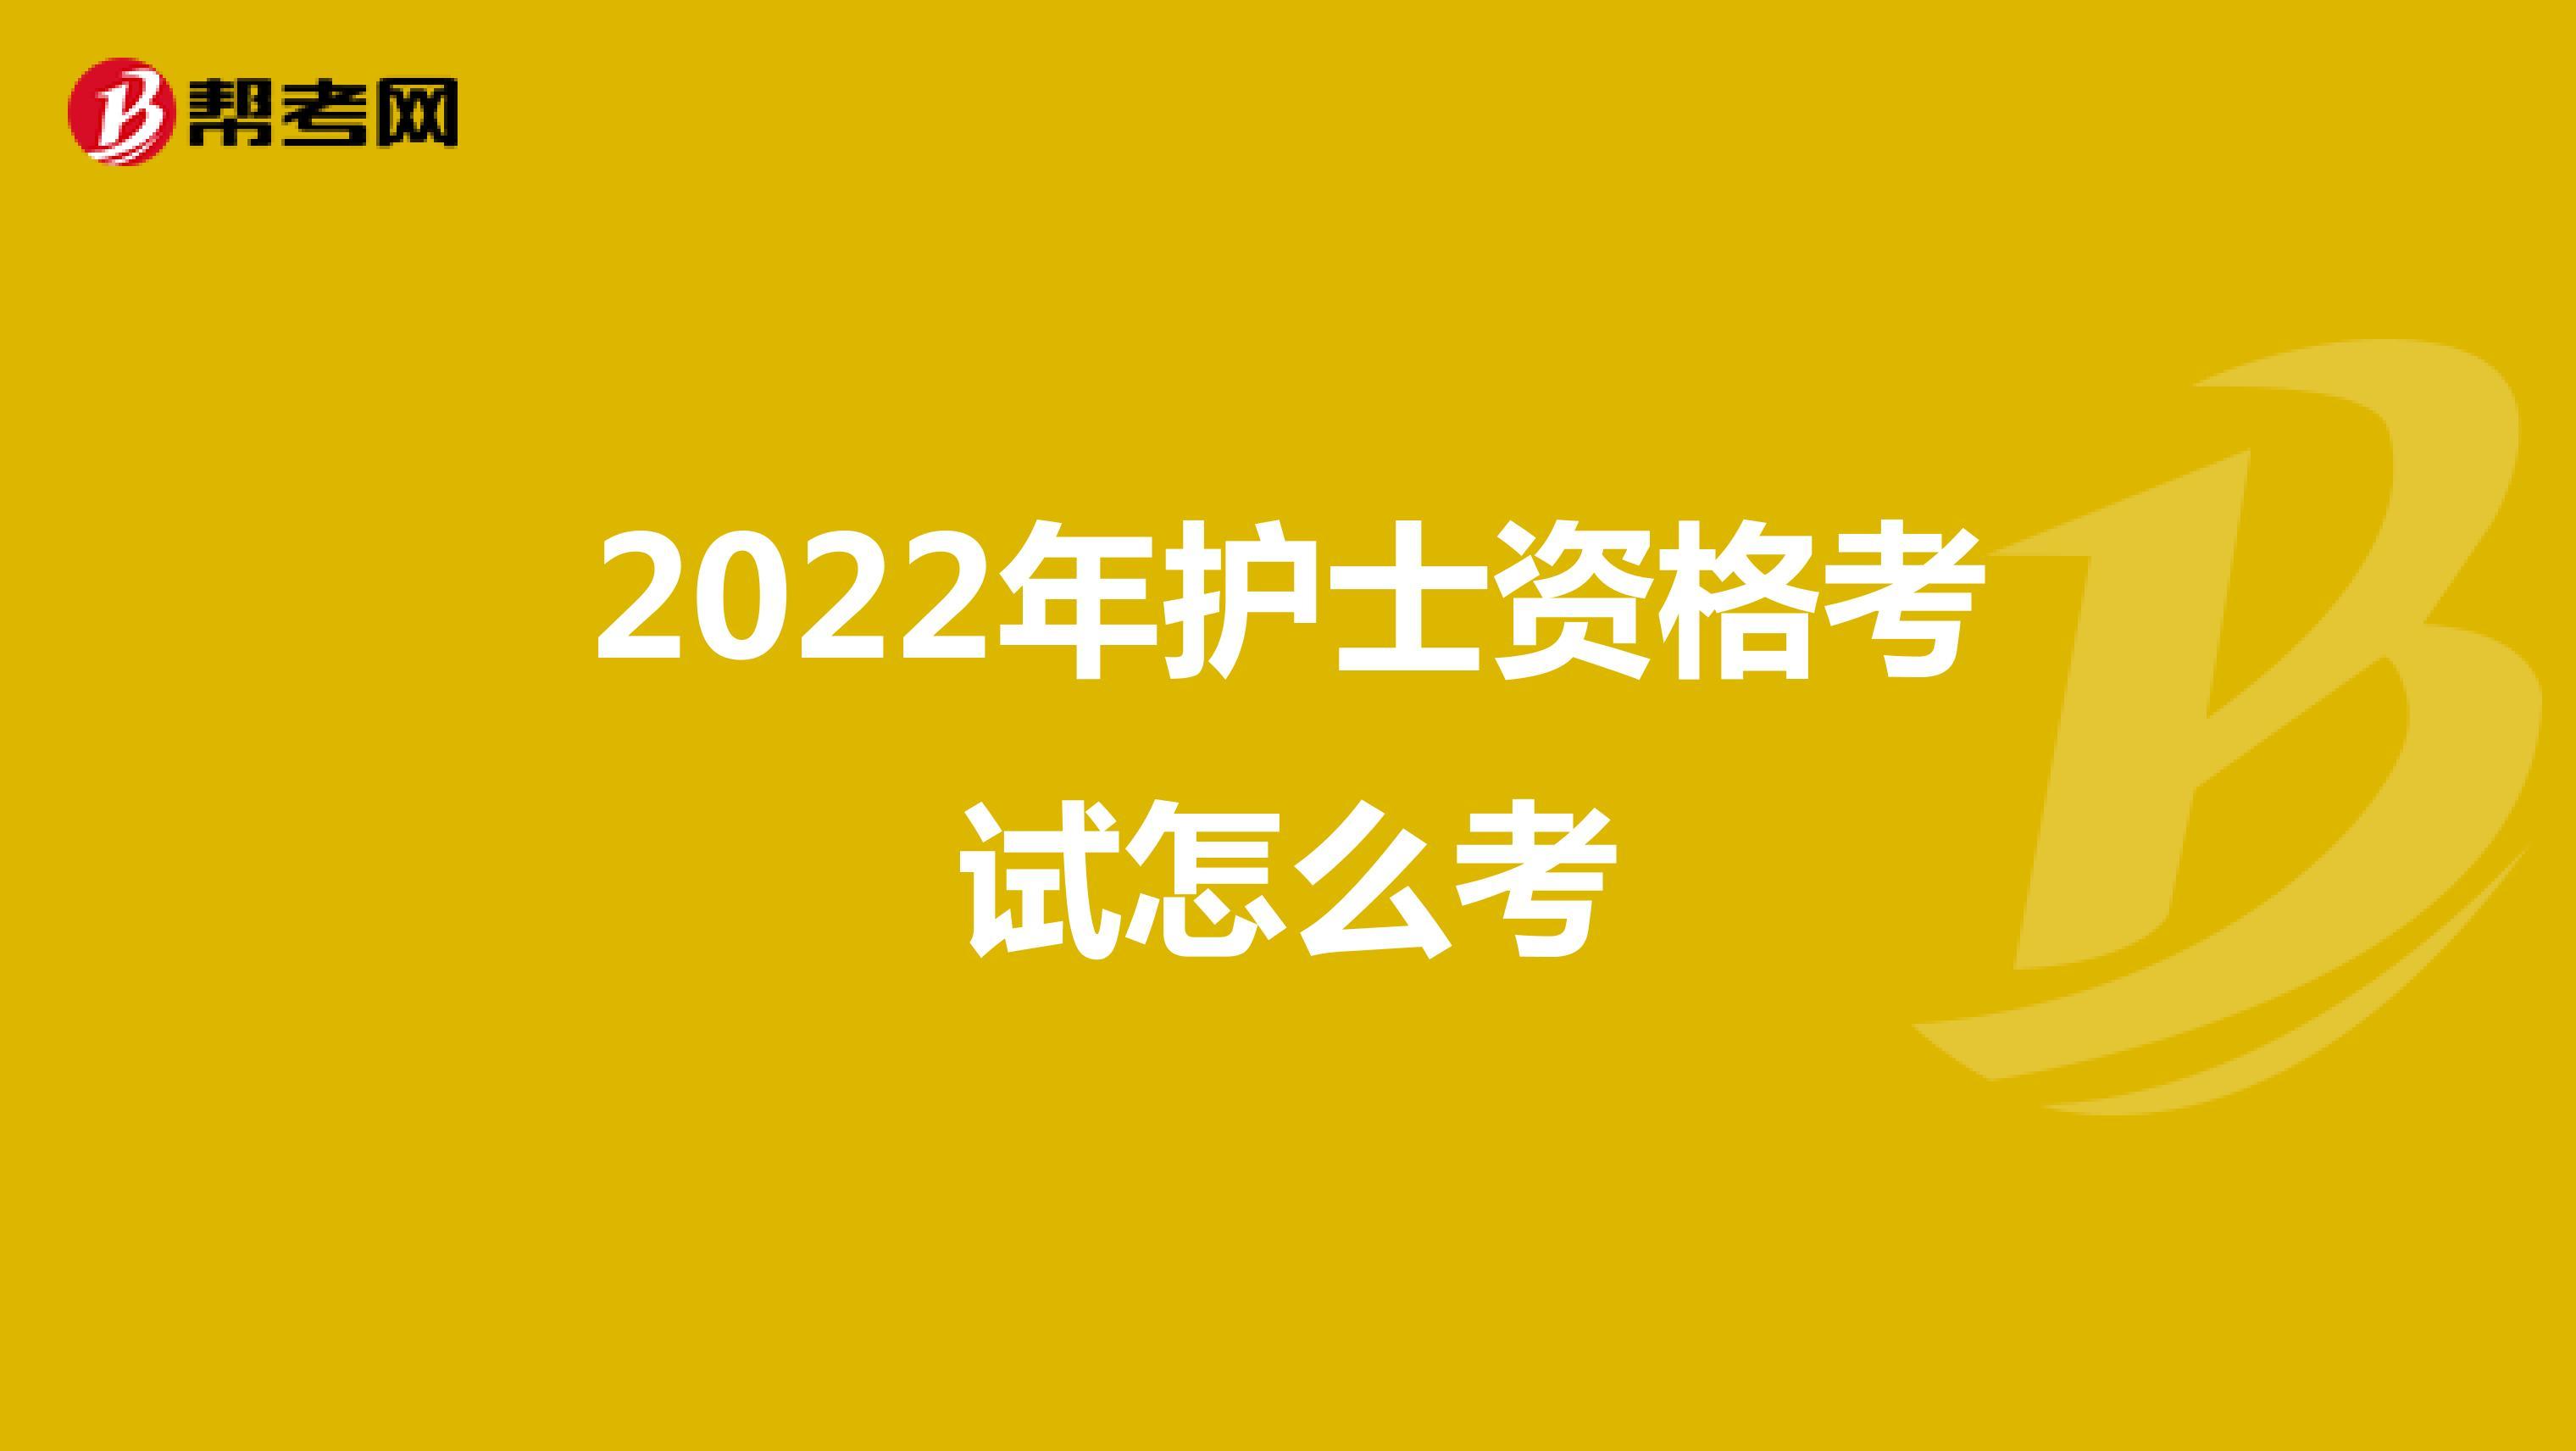 2022年护士资格考试怎么考